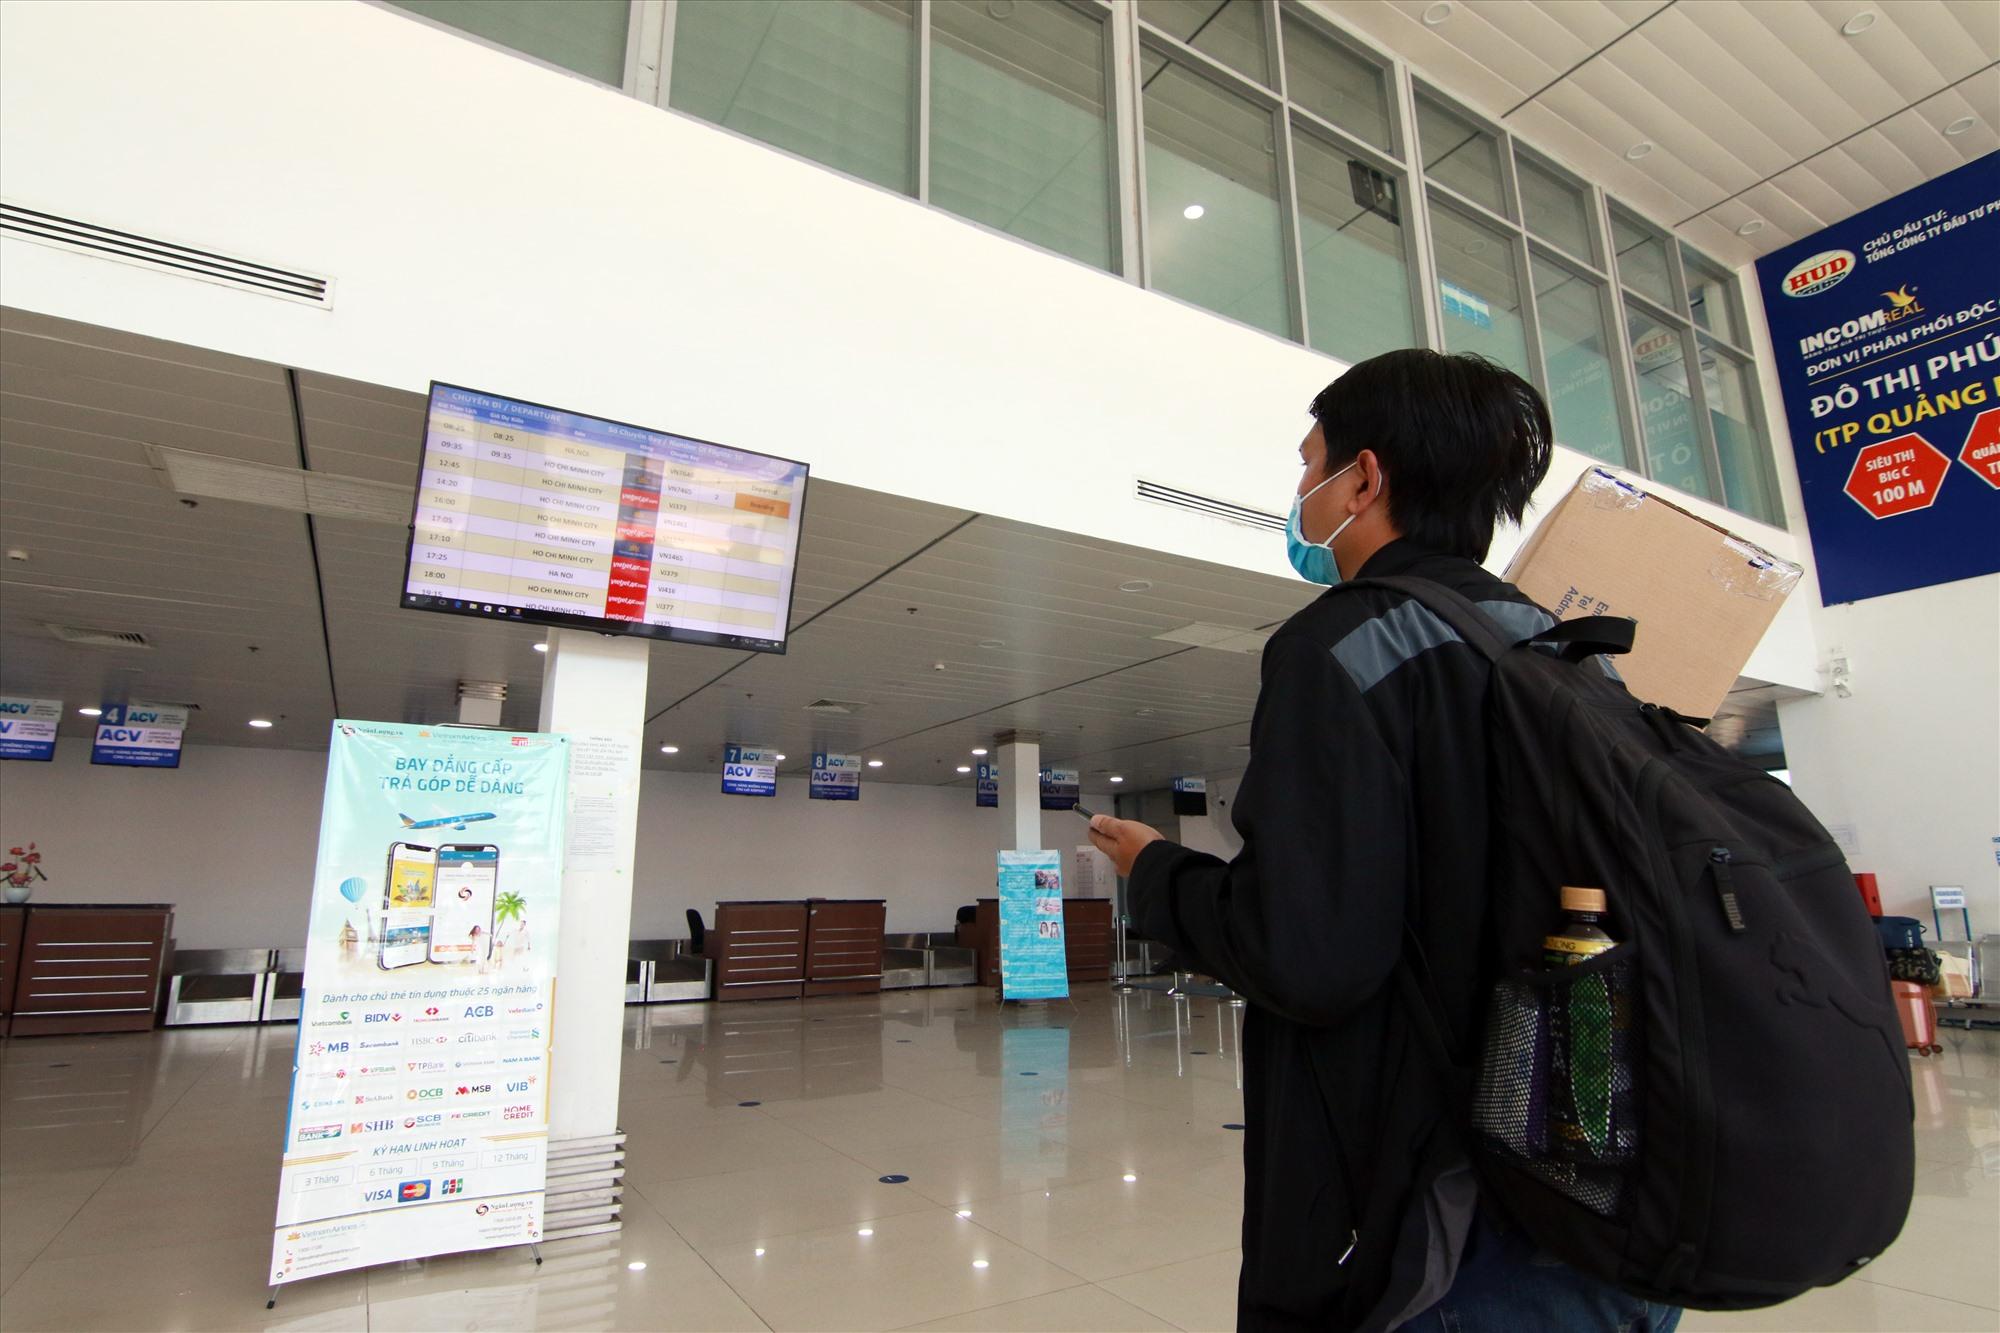 Một hành khách theo dõi lịch trình các chuyến bay tại sân bay Chu Lai vào sáng 28.7. Ảnh: T.C